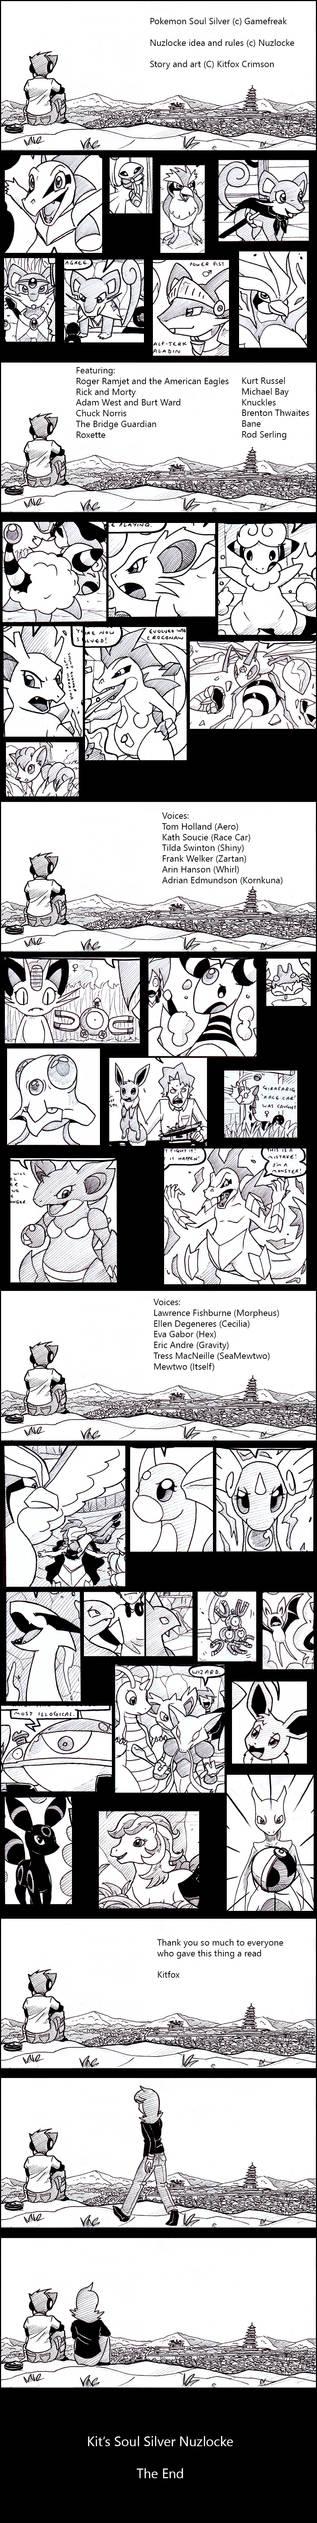 Kit's Soul Silver Nuzlocke page 87